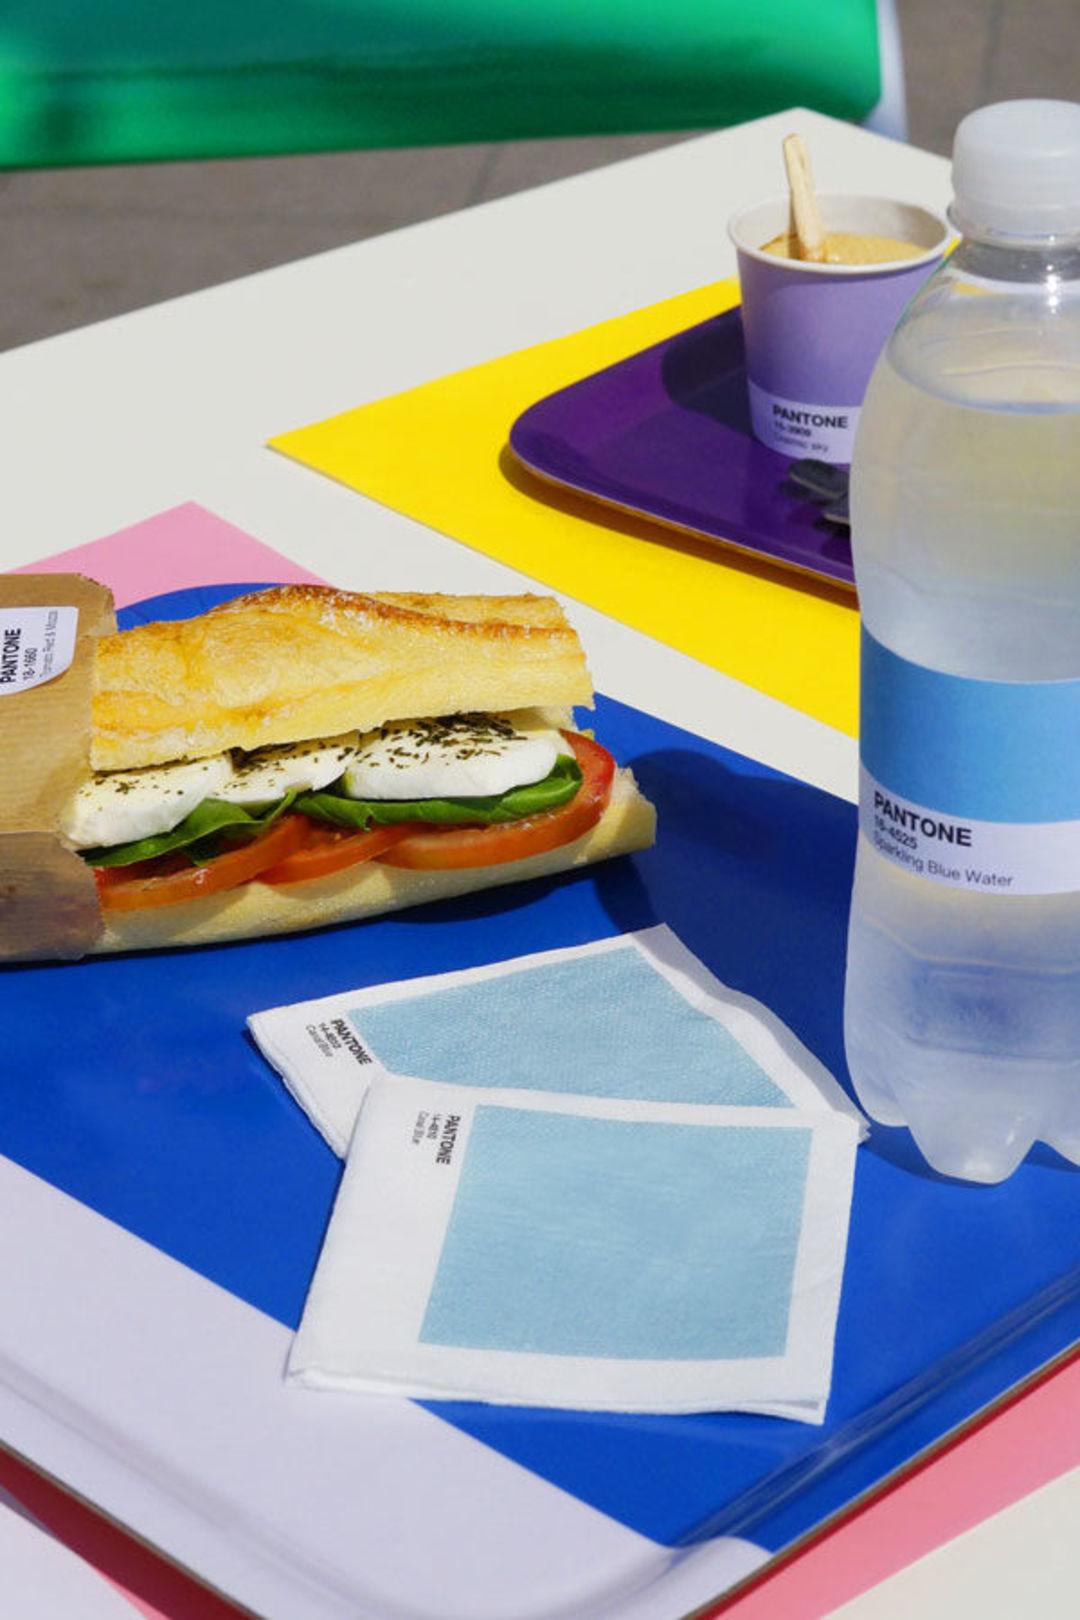 研发色彩的潘通在摩纳哥开了咖啡店,把一切都标上色号_商业_好奇心日报